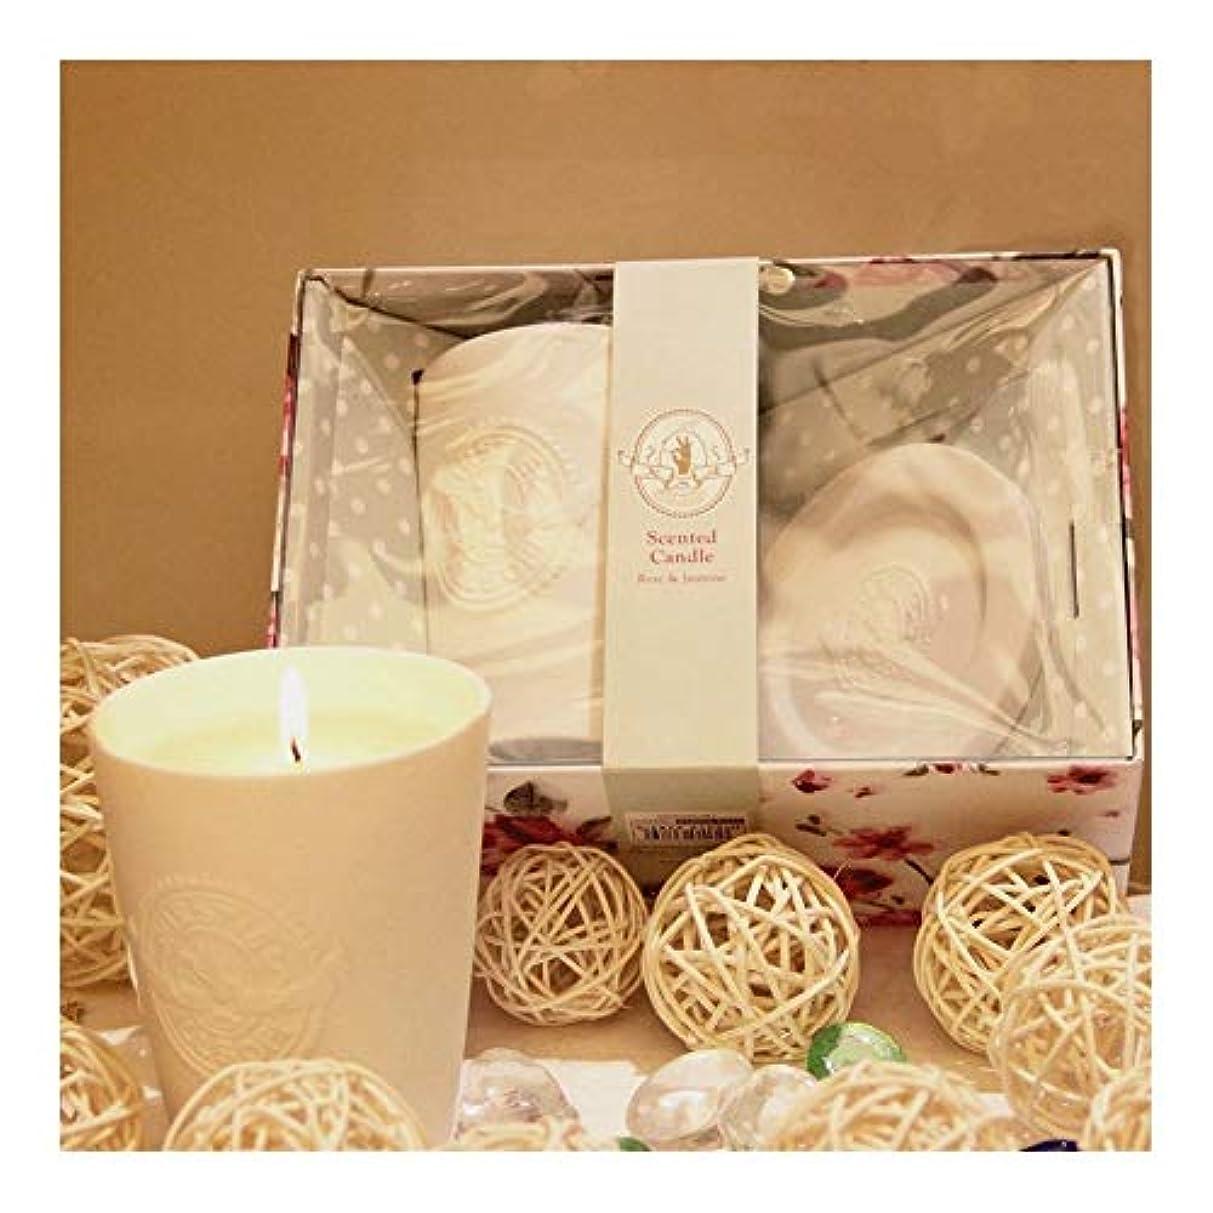 虫ブラインド魅了するACAO 白い陶器のガラス、ワックス、香料入りの蝋燭、屋内臭気の蝋燭